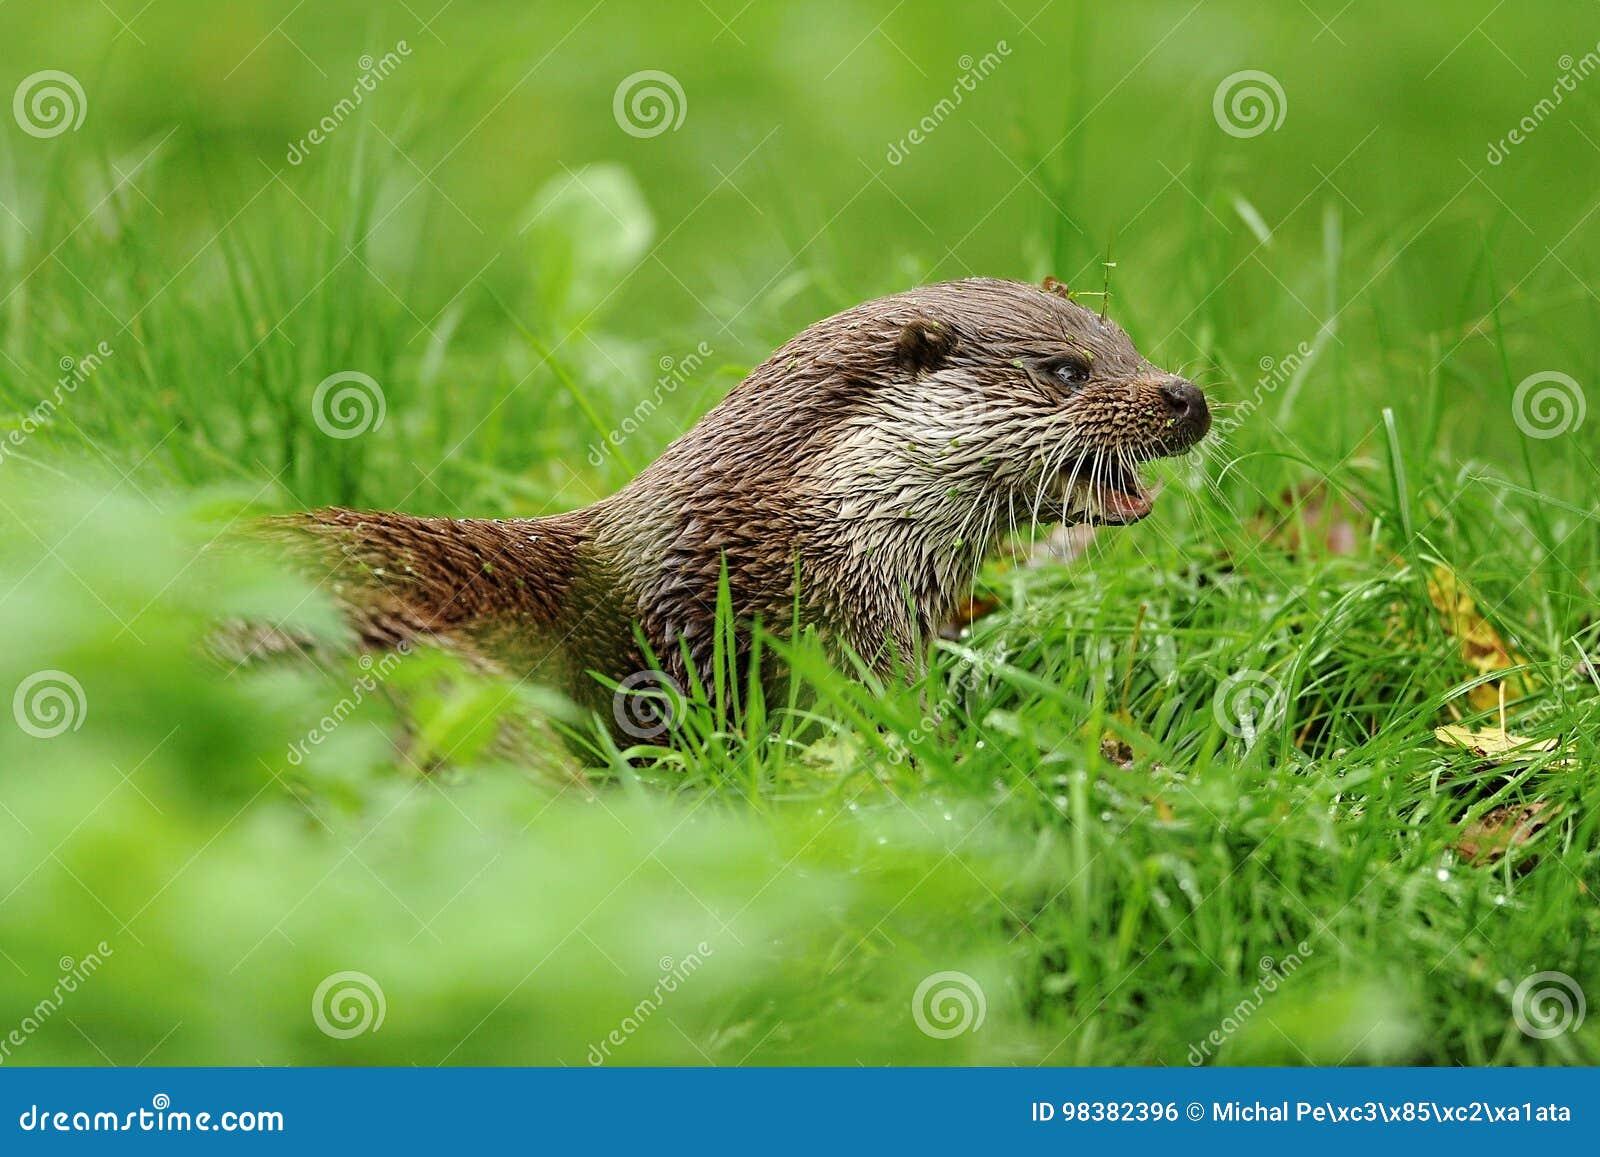 The Eurasian otter Lutra lutra